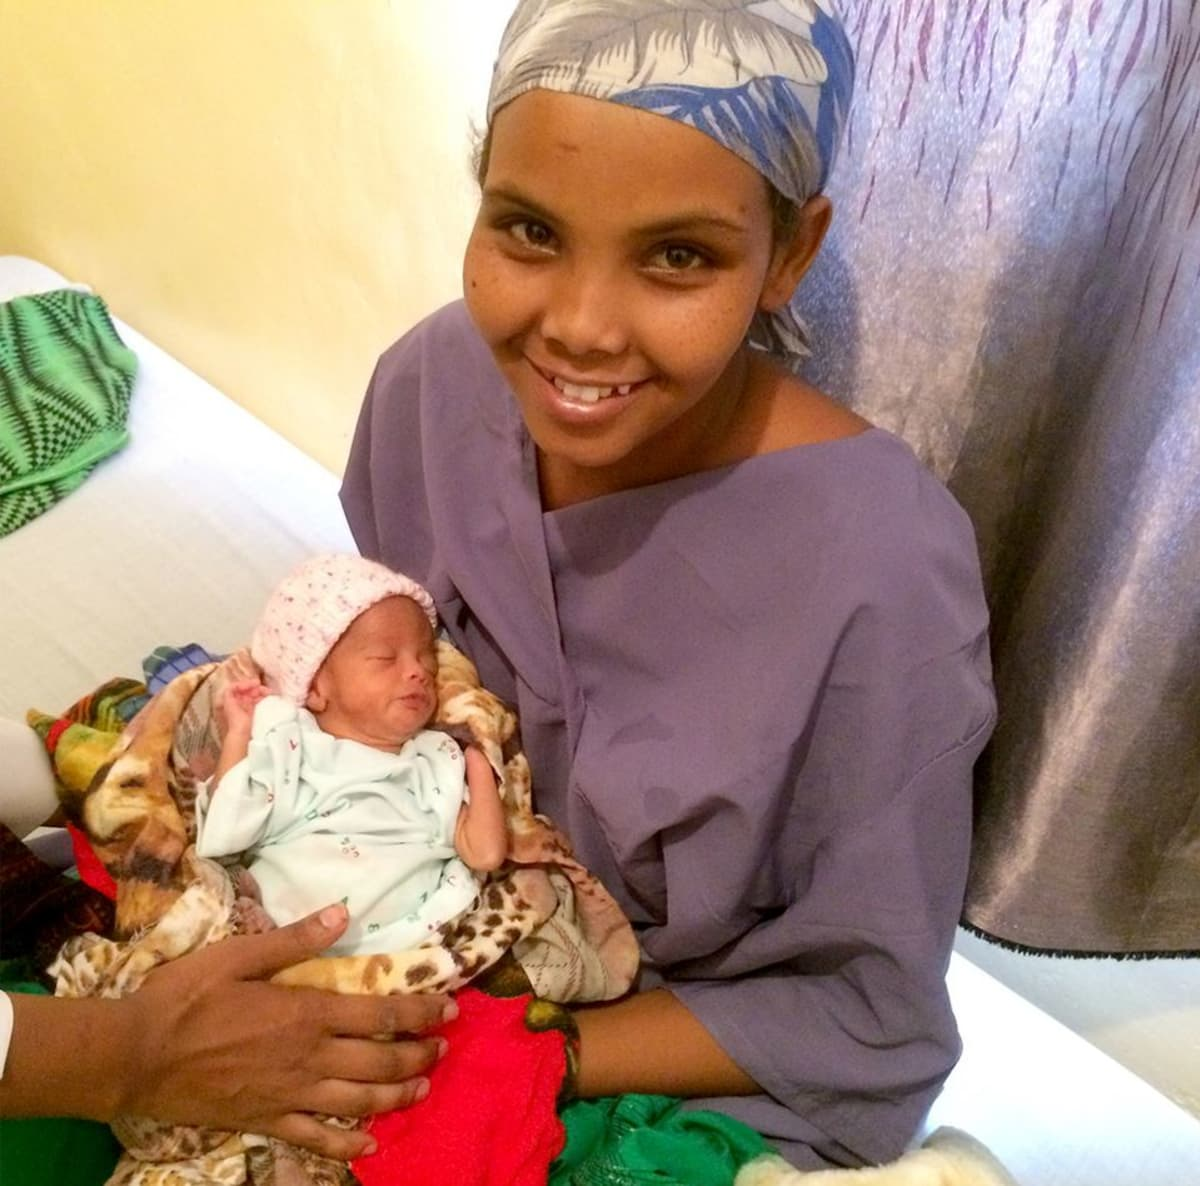 somaliopiskelija hymyilee vastasyntynyt vauva sylissään.